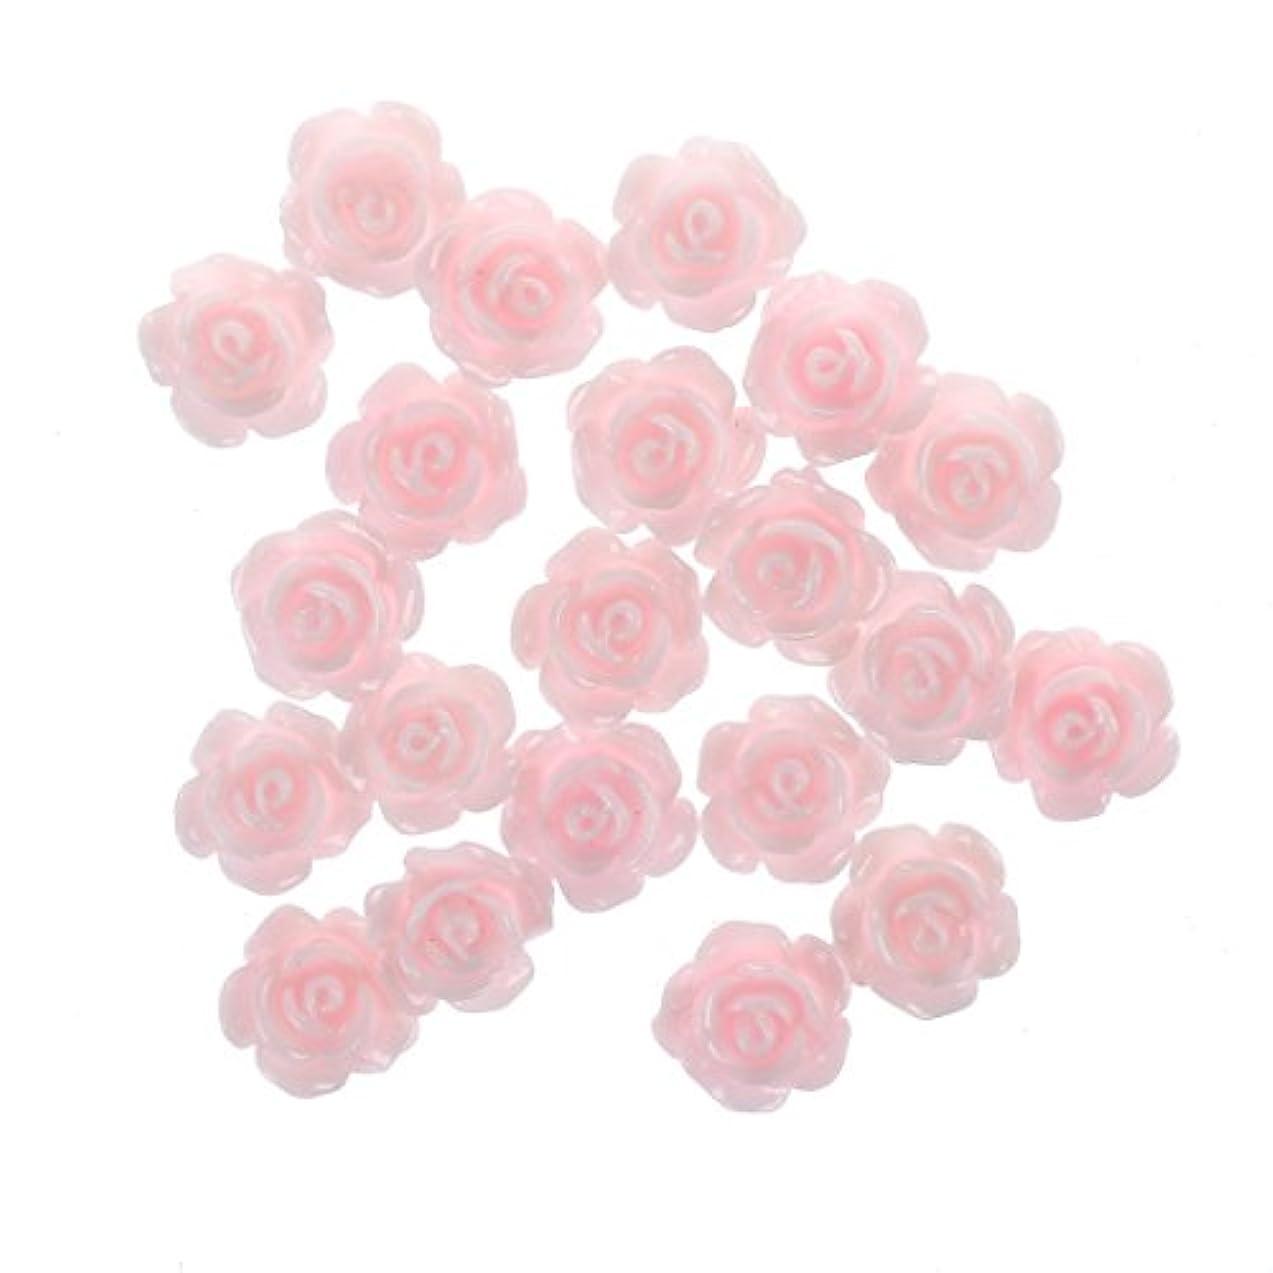 以下チェスをする半球ネイルアート,SODIAL(R)20x3Dピンクの小さいバラ ラインストーン付きネイルアート装飾